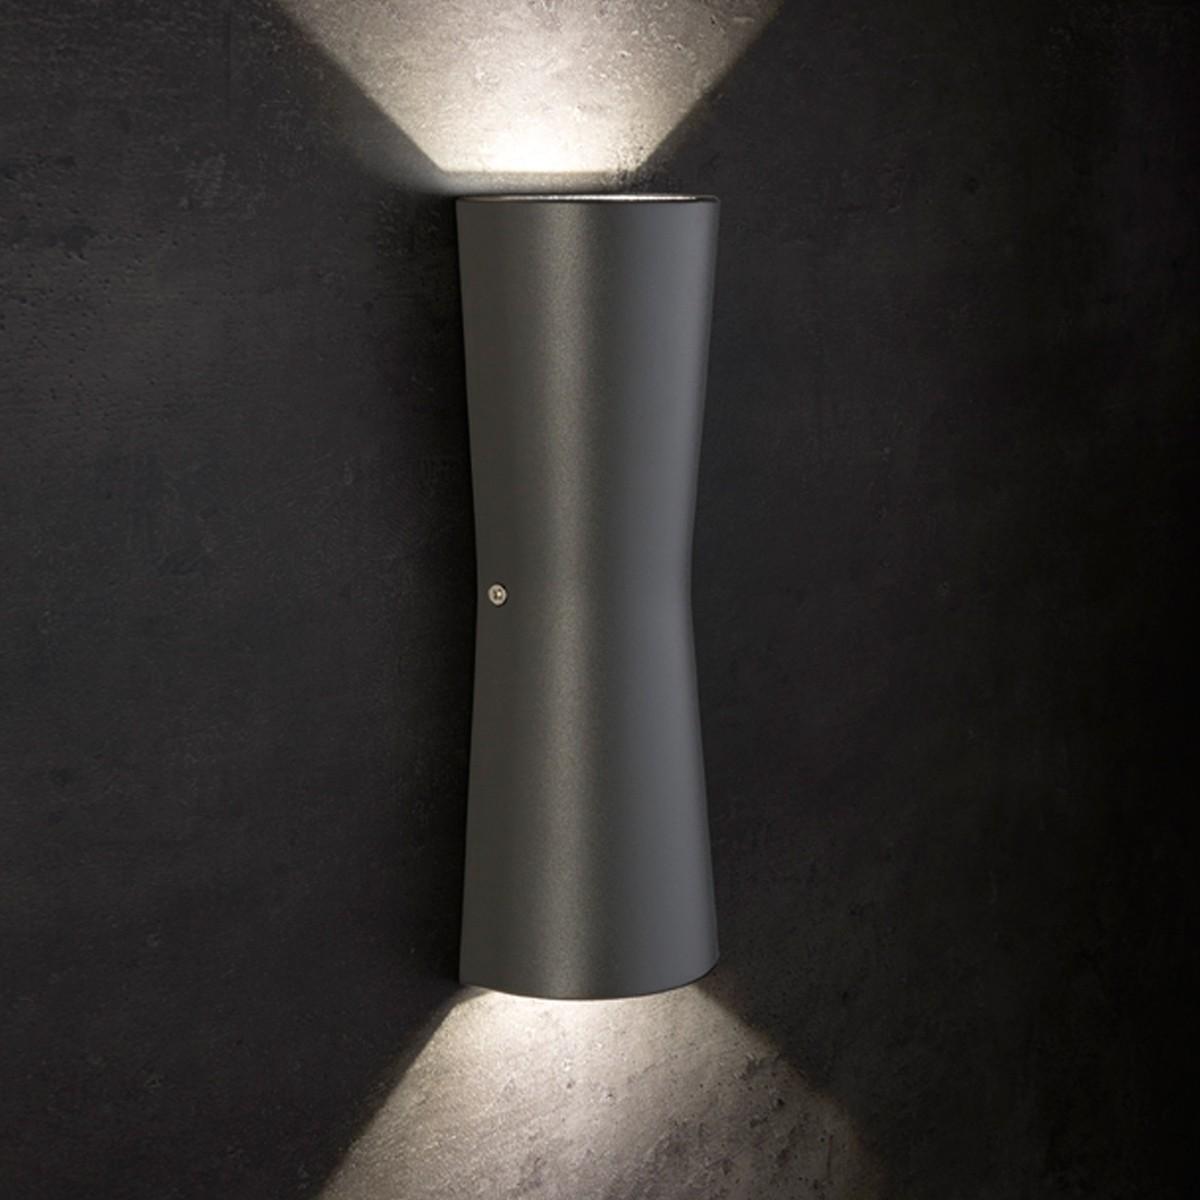 Lupia Licht Kavia Außenwandleuchte, anthrazit